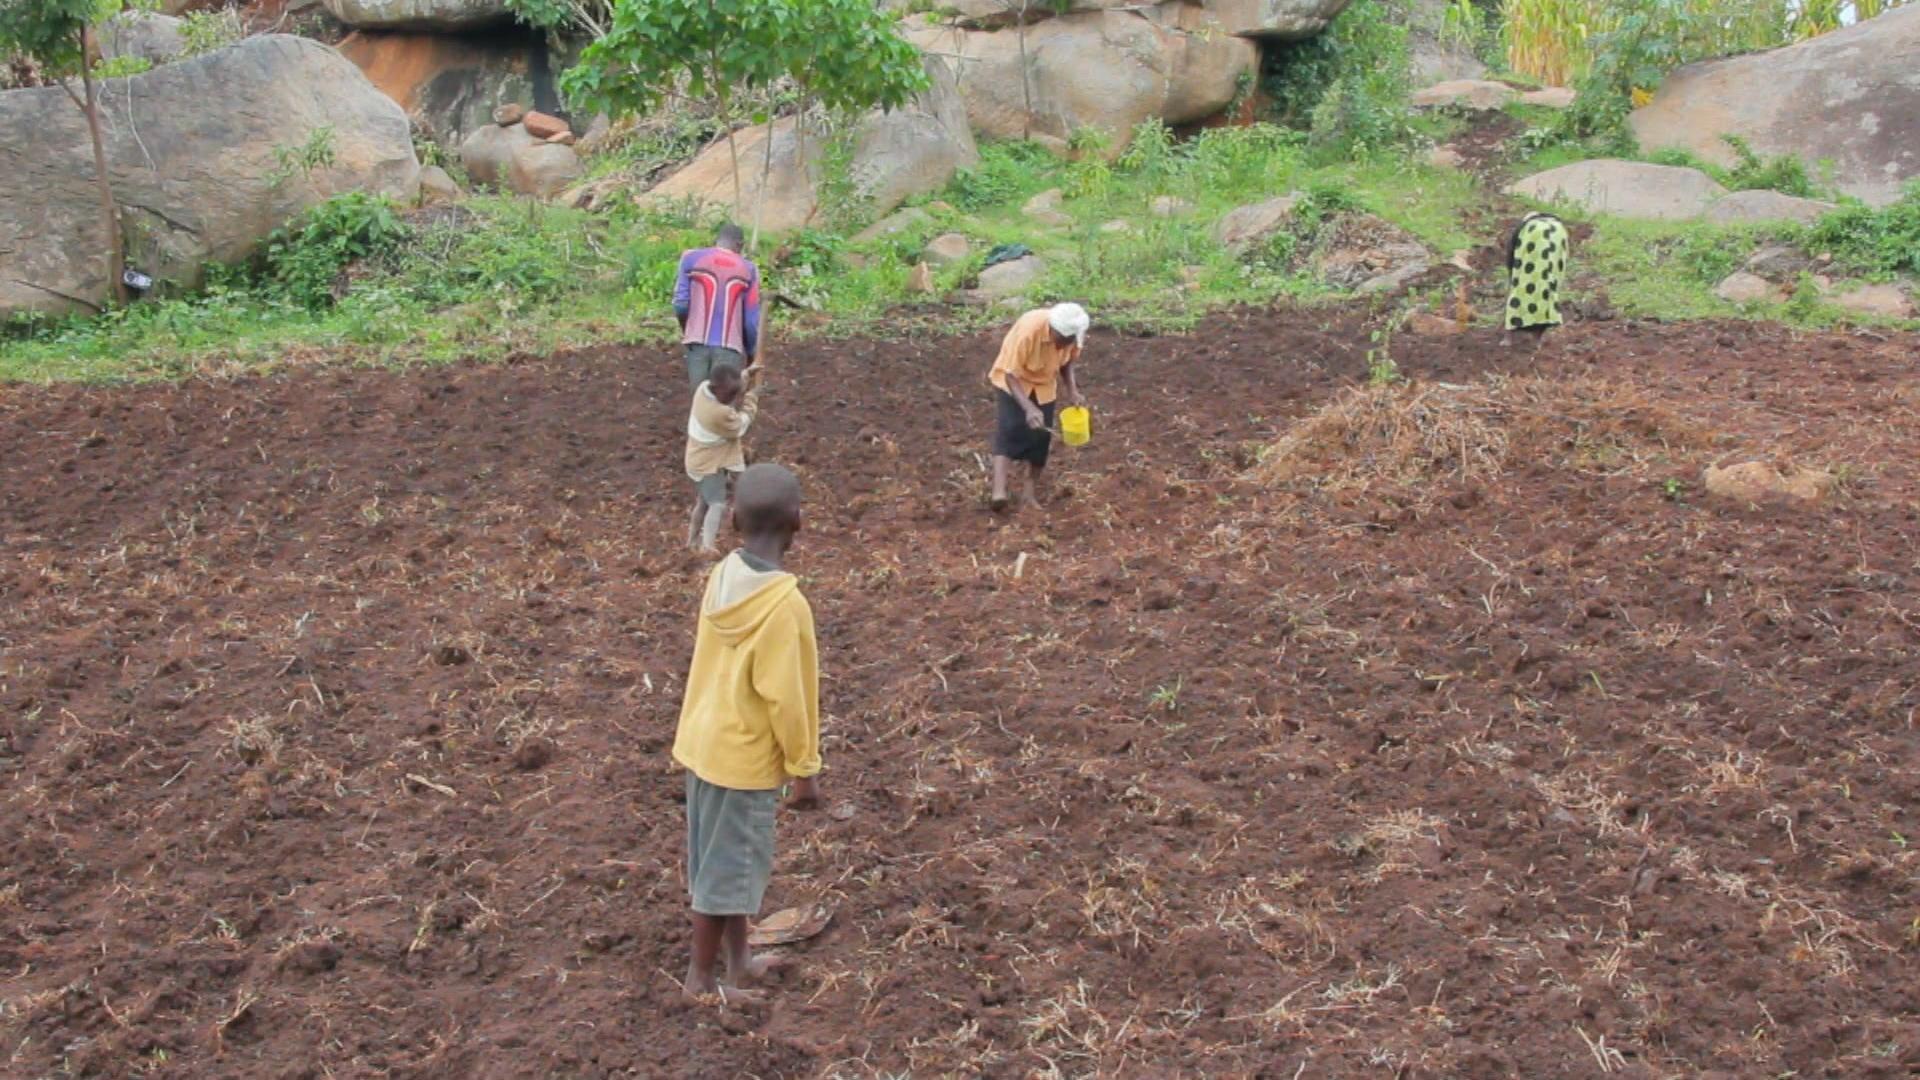 UN FAO FAMILY FARMING LAUNCH